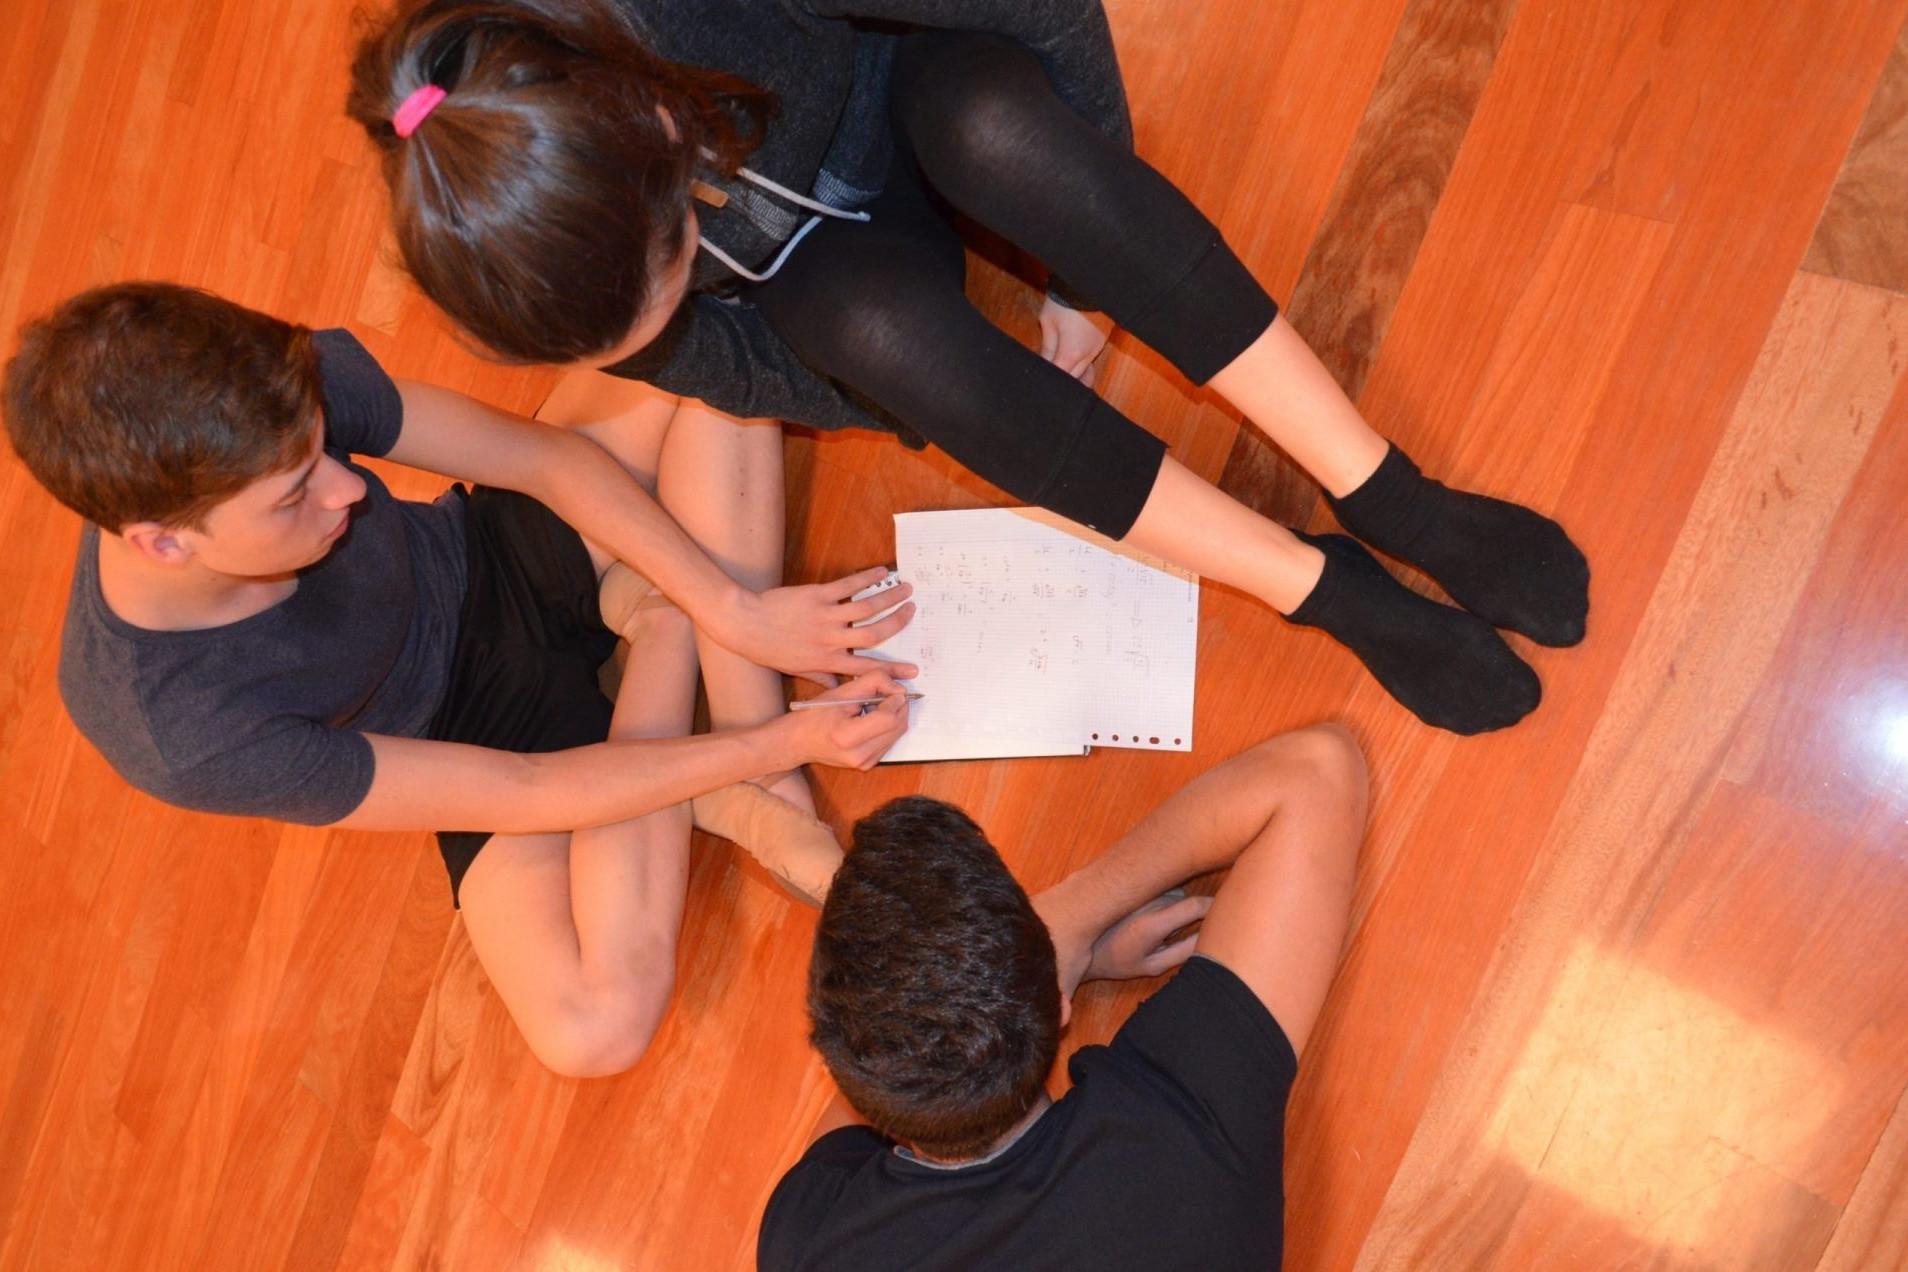 Foto de tres bailarines del Centro de Danza Sandra Santa Cruz sentados en el suelo de la sala de baile mirando unos folios que tienen delante. Aprovechan los descansos de los ensayos para estudiar. Bailar vs Estudiar, no hay que elegir, el Centro de Danza Sandra Santa Cruz fomenta una filosofía